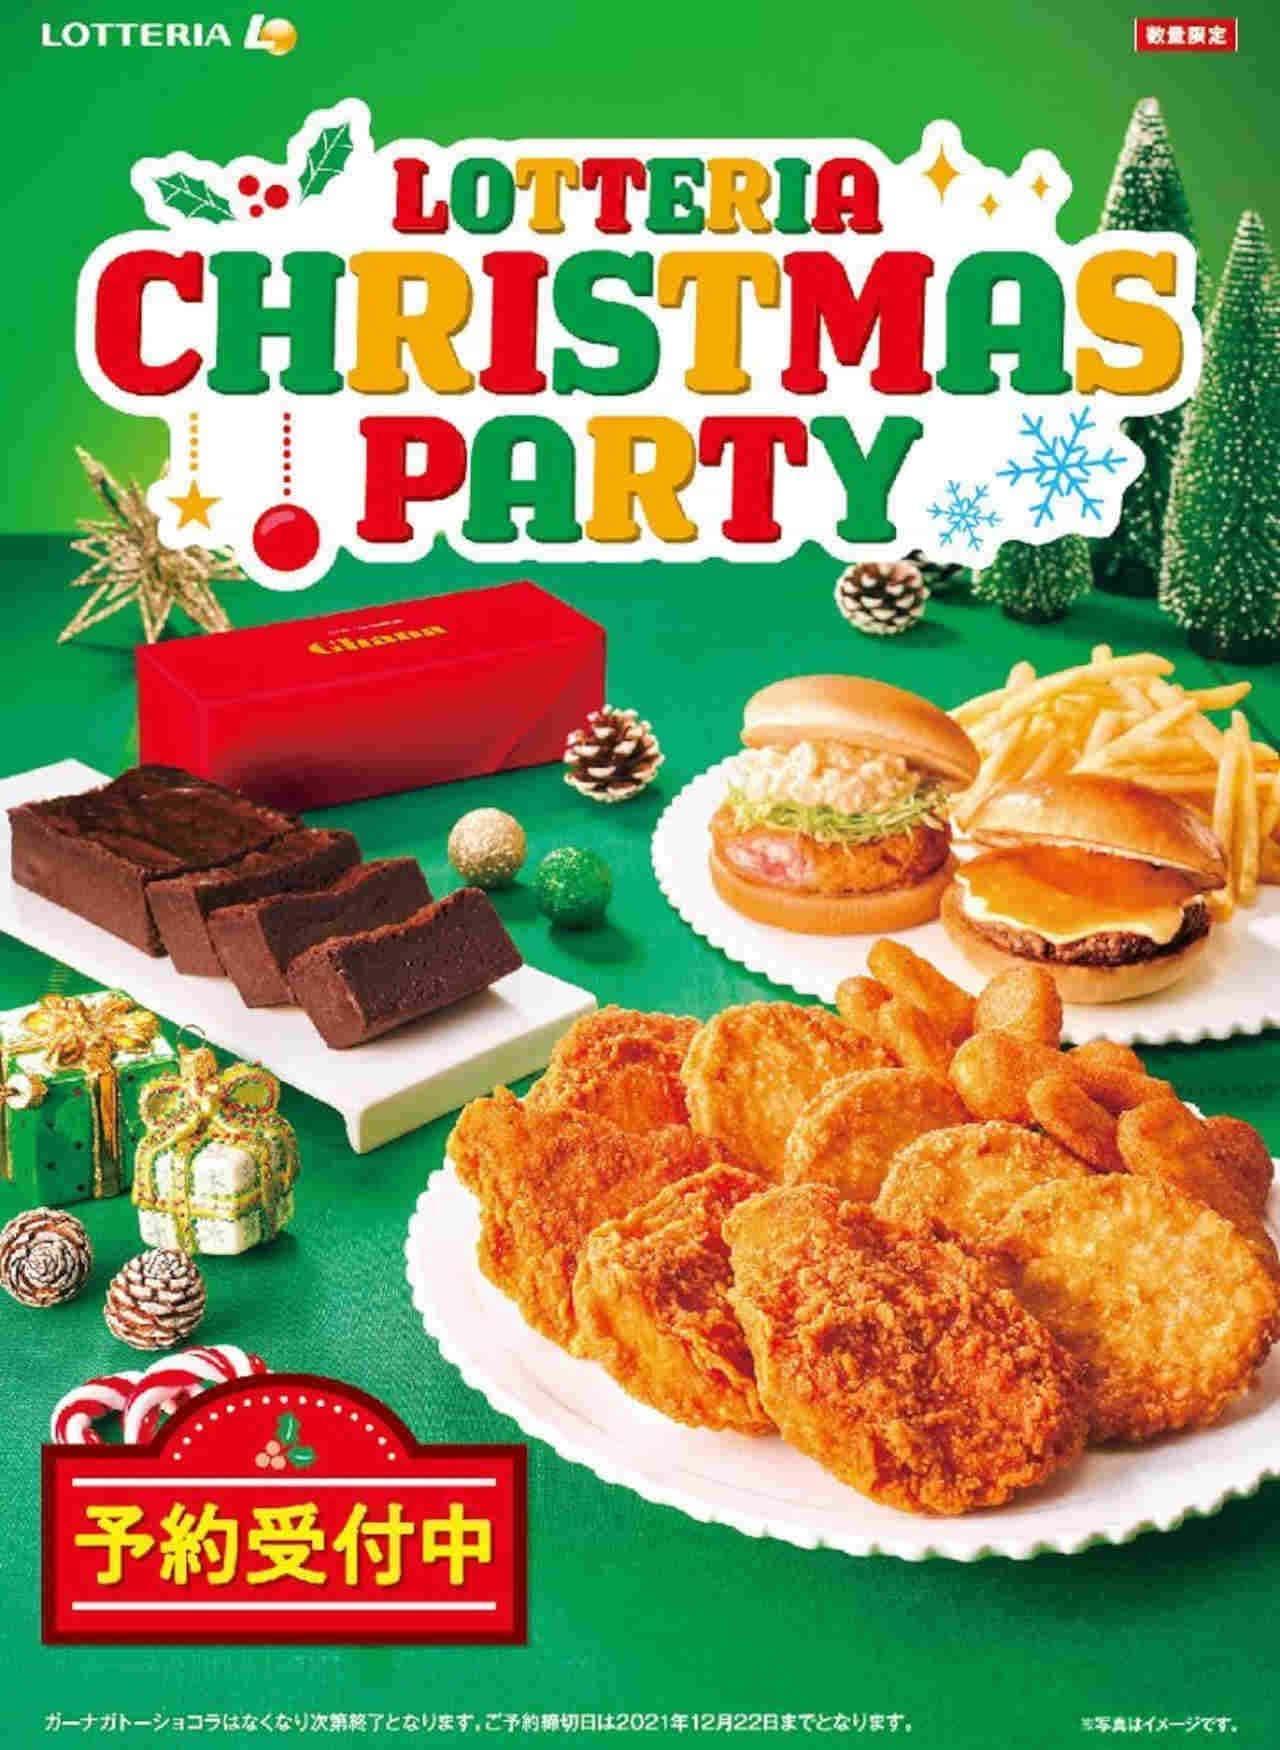 ロッテリア「ガーナガトーショコラ」などクリスマスメニュー